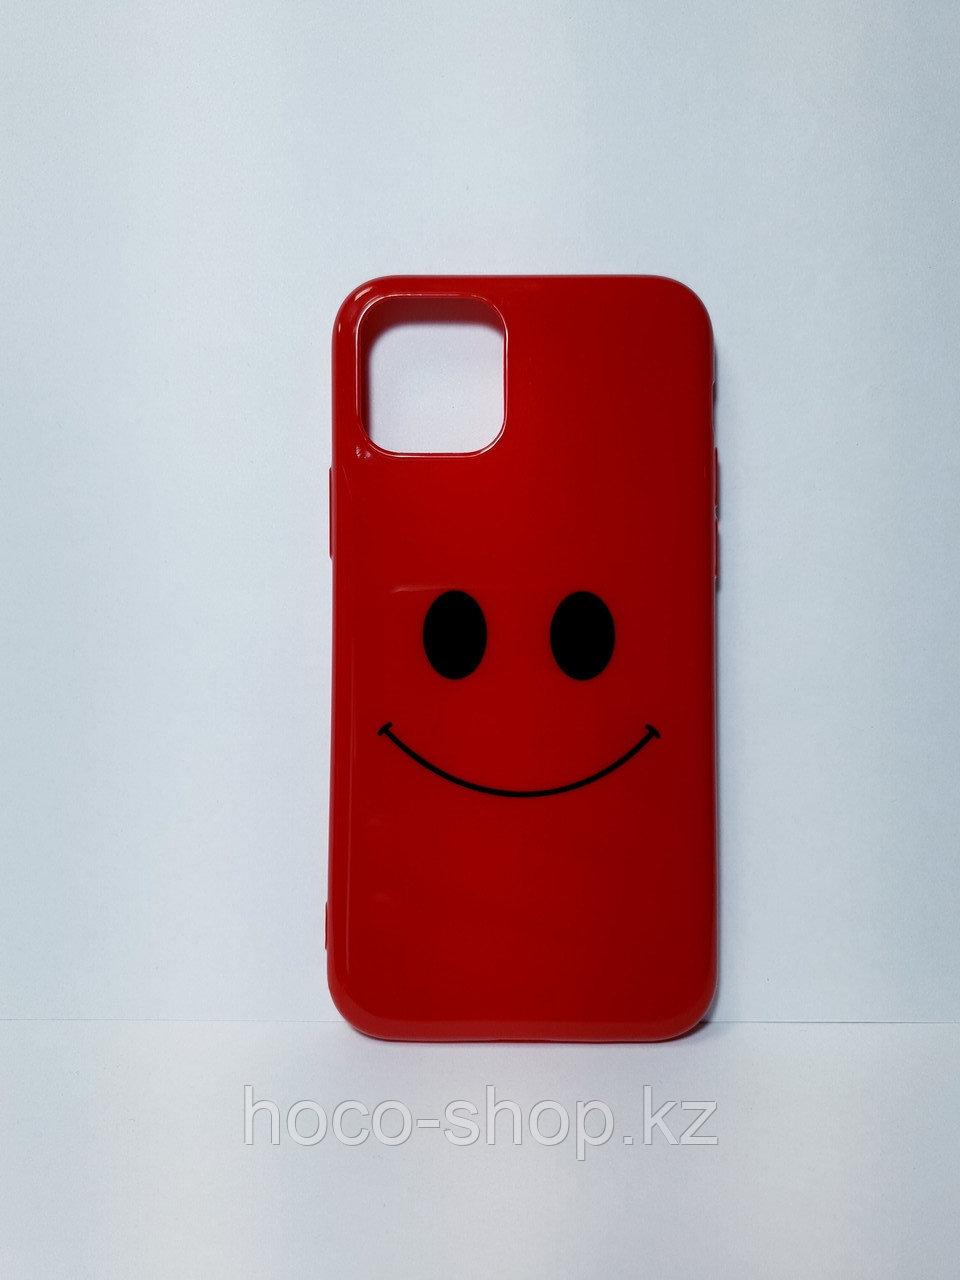 Чехол гелевый смайлик iPhone 11 Pro